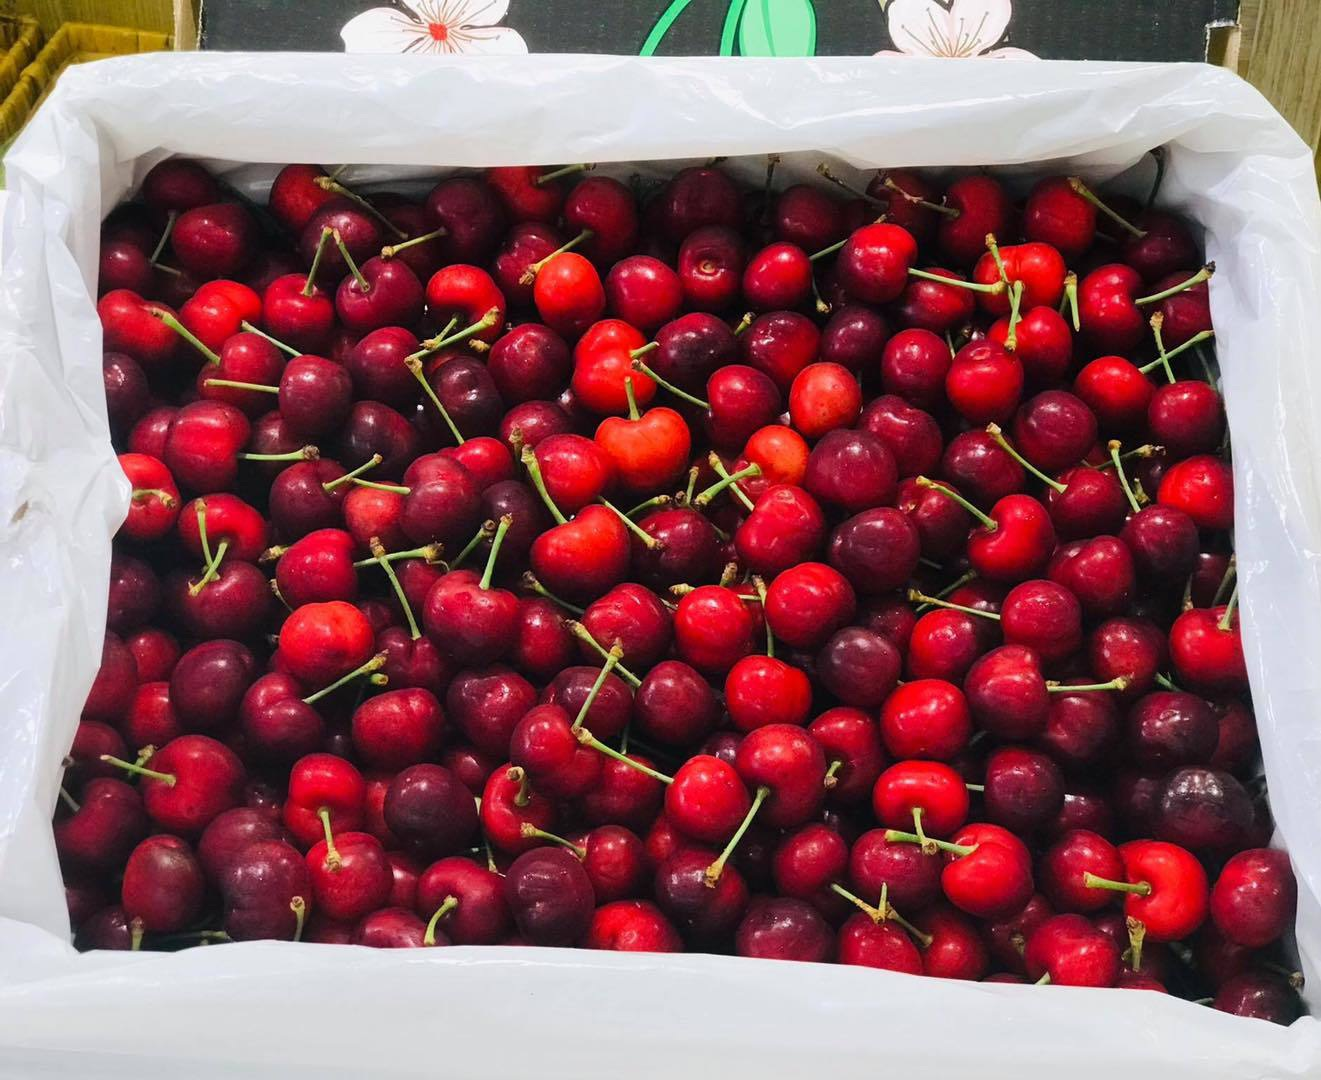 Hết thời giá rẻ, nhà giàu Việt ăn cherry Mỹ 1 triệu đồng/kg